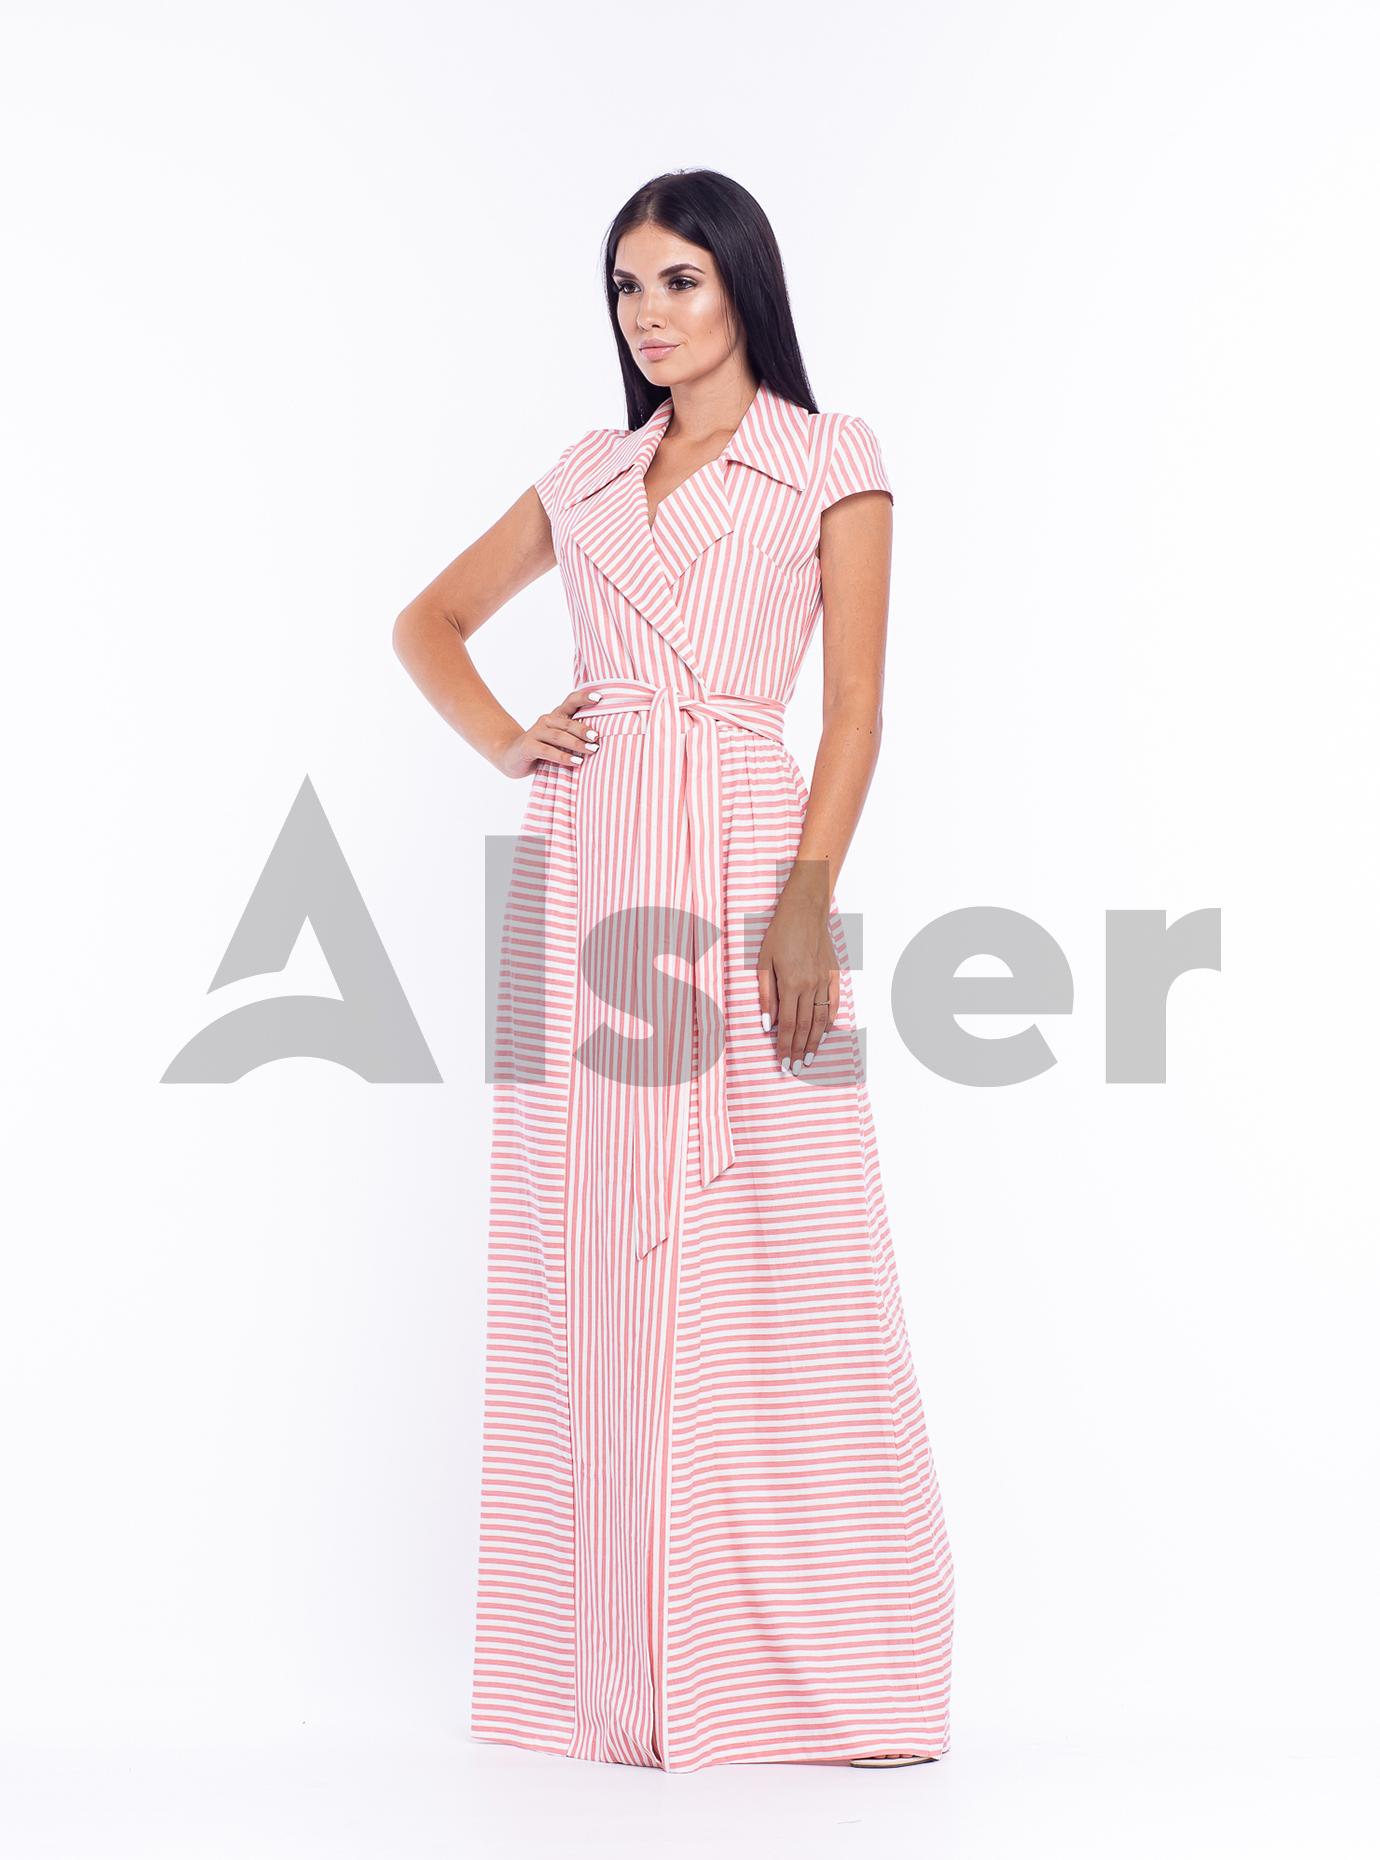 Платье длинное Розовый 44 (04-8987987): фото - Alster.ua